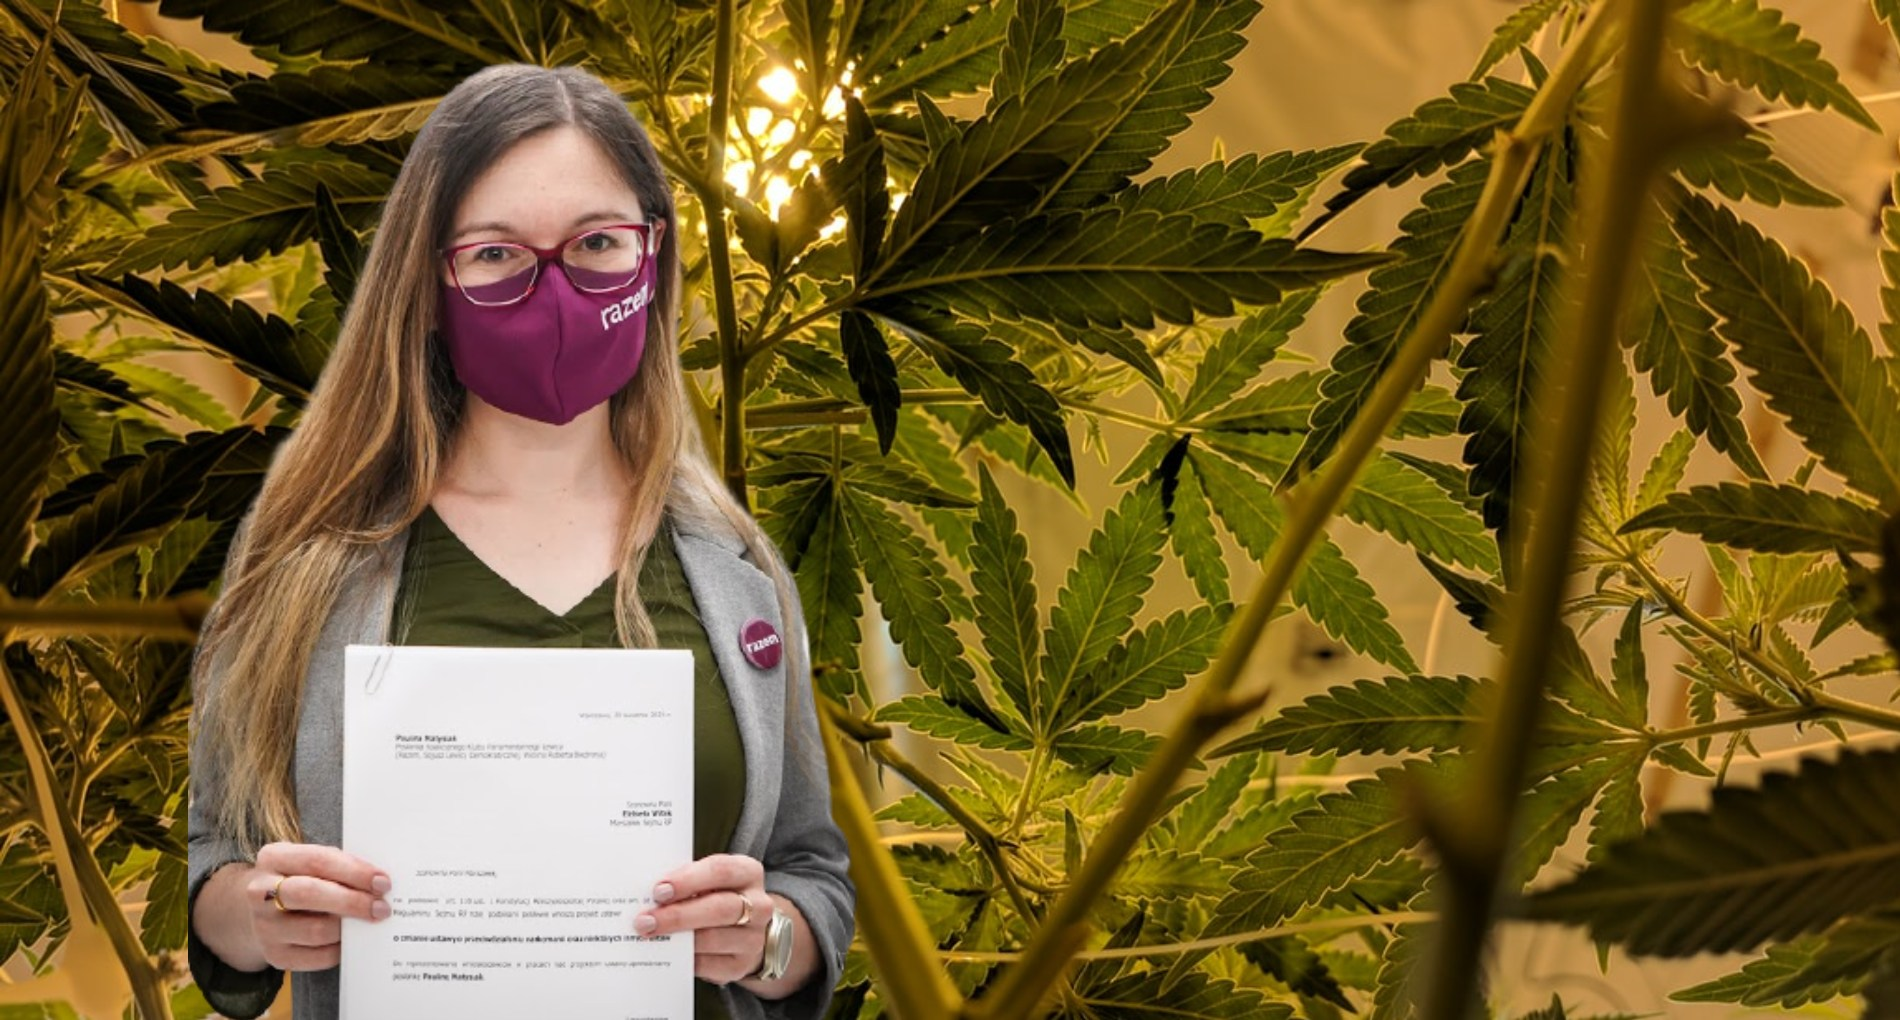 Brak kar zaskręta ilegalna uprawa wdomu.  Projekty ustaw dot. marihuany wSejmie